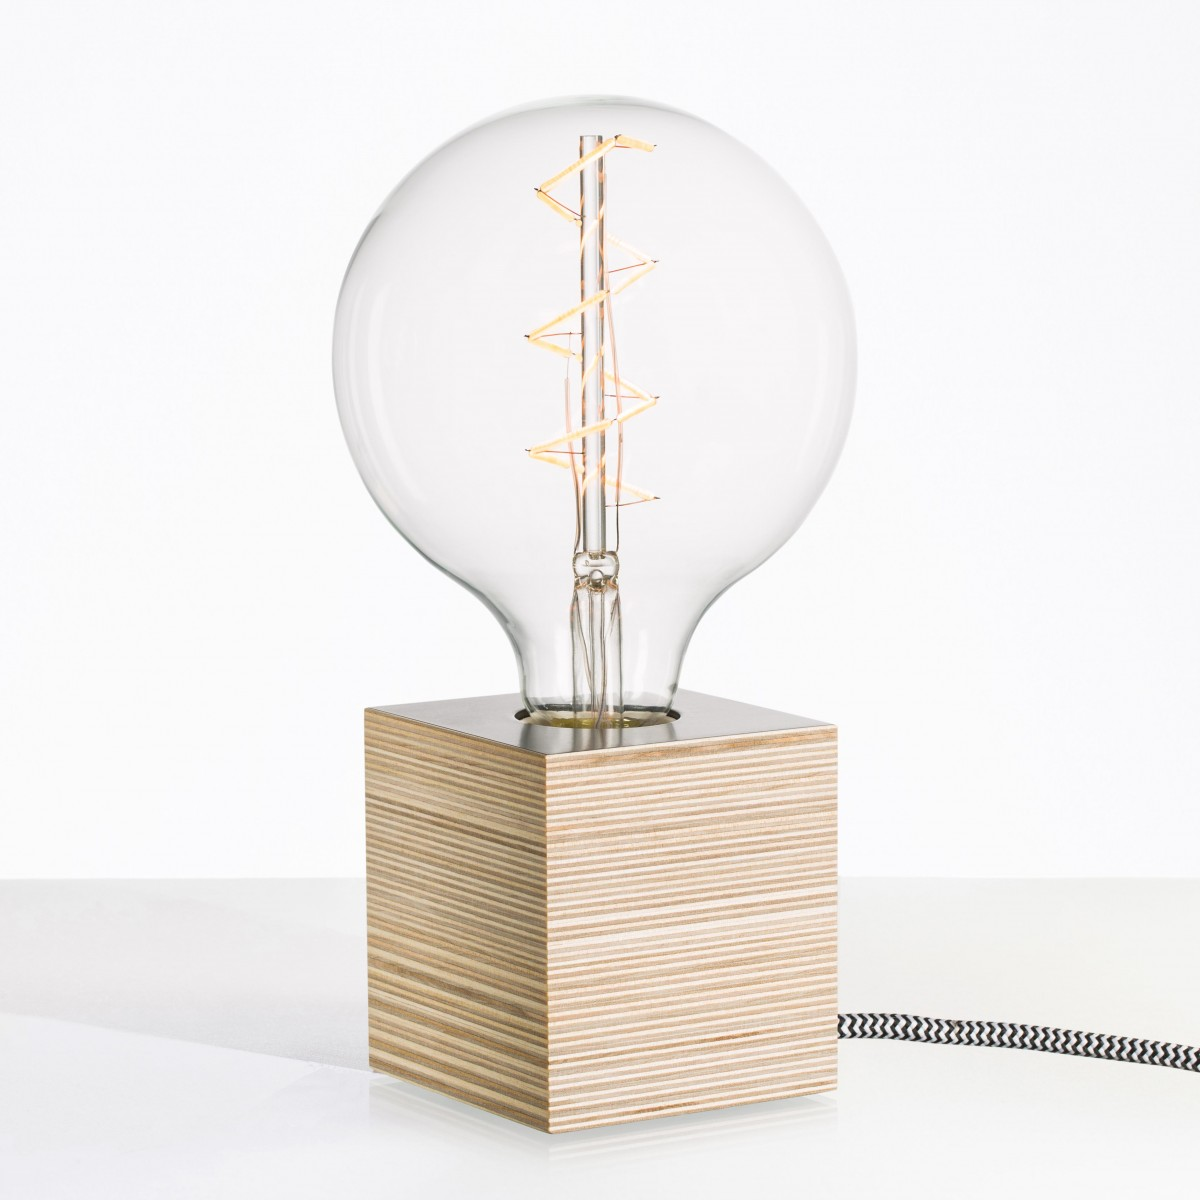 """Lichtliebe Tischleuchte """"Rekoo"""" in steingrau und schwarz-weiß inkl. Edison Spiral LED im Retro Design mit nur 1,8 Watt"""